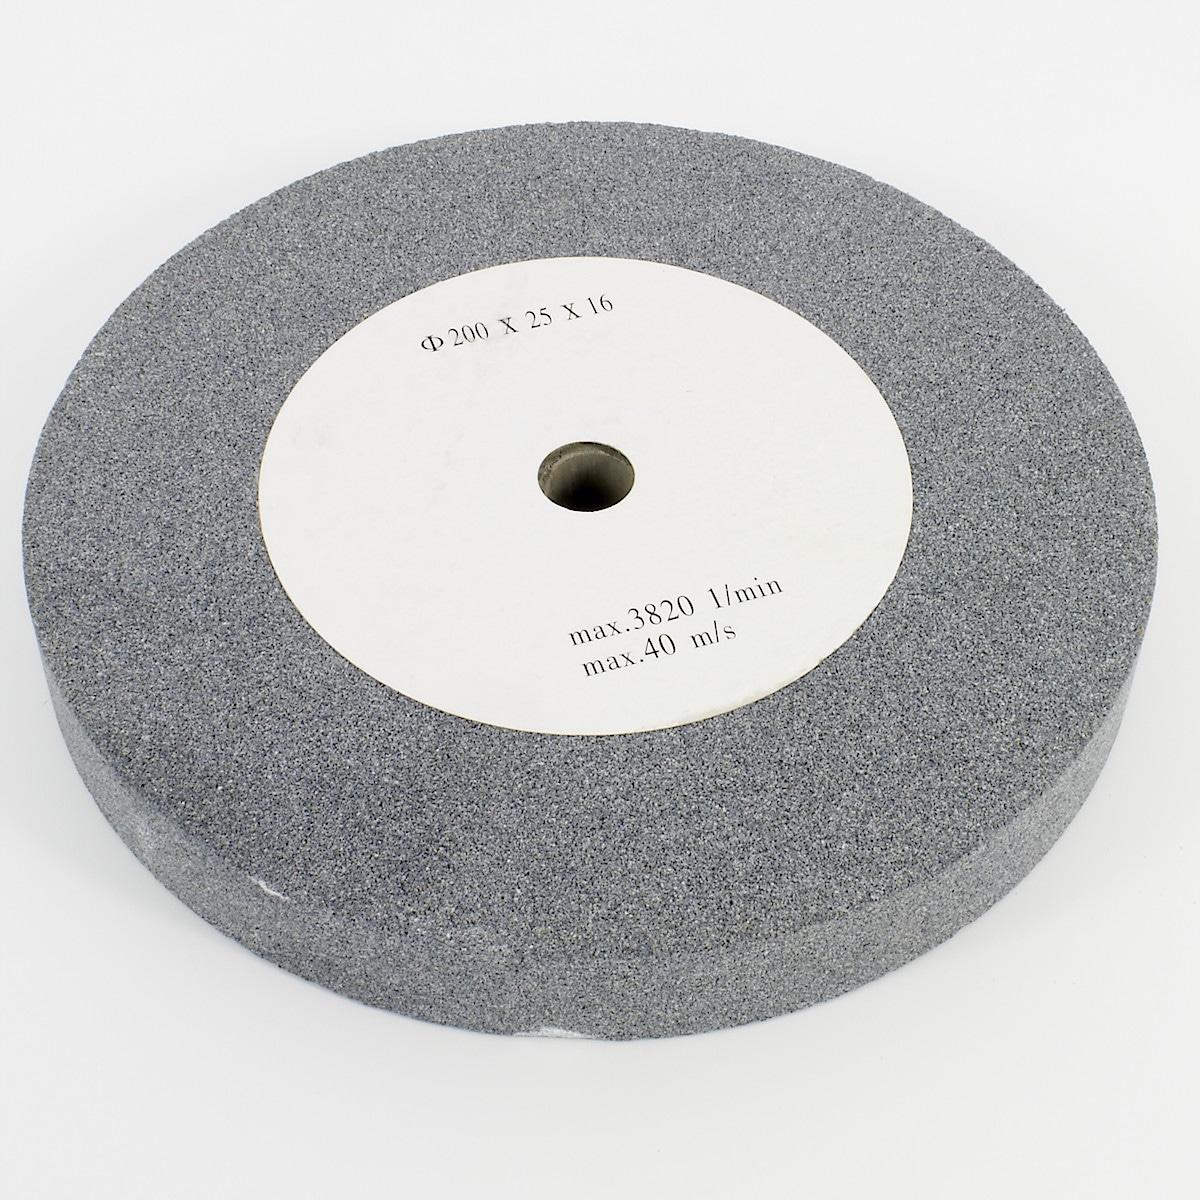 Slipstein Scheppach Grov 200 x 25 x 16 mm